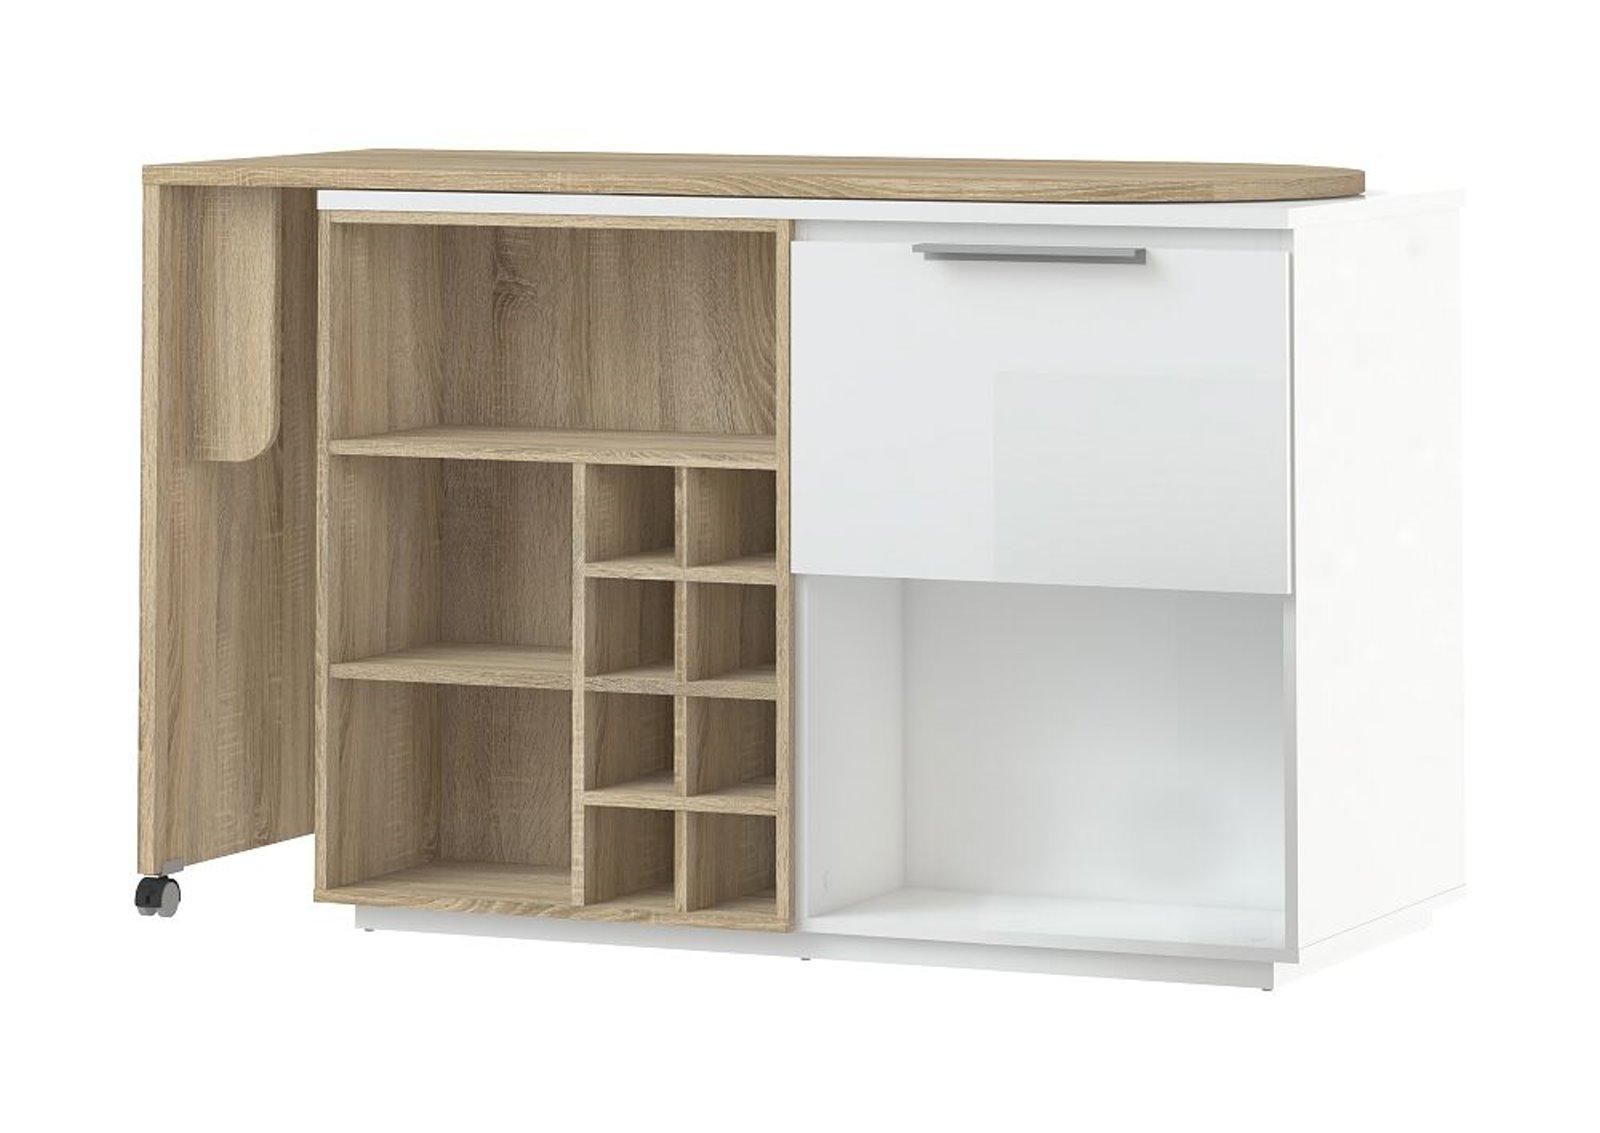 Schön Stühle Für Küchentheke Bilder - Küchenschrank Ideen ...